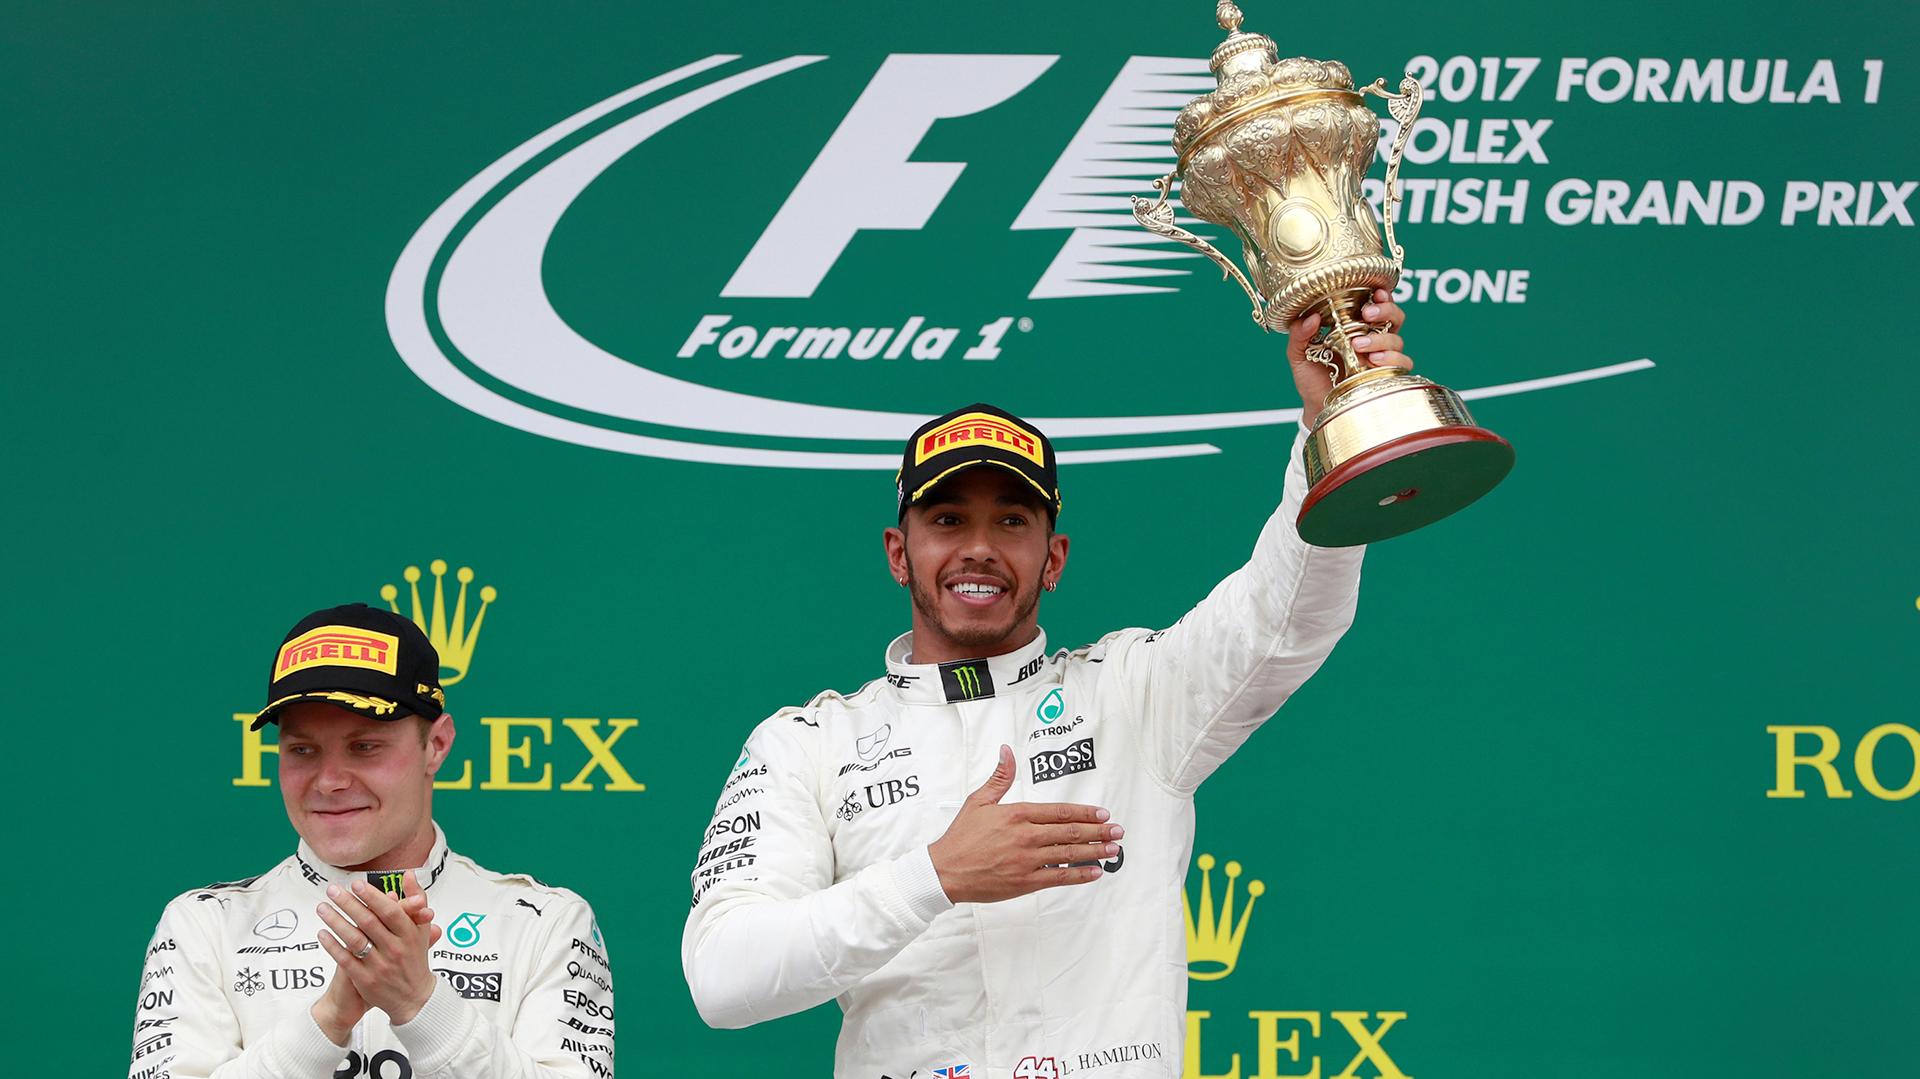 Lewis Hamilton ganó en Silverstone y festejó ante su público. El piloto de Mercedes partió desde la 'pole position' en el Gran Premio de Inglaterra y mantuvo el liderato durante toda la carrera. El podio lo cerraron su compañero Valtteri Bottas y Kimi Raikkonen, de Ferrari